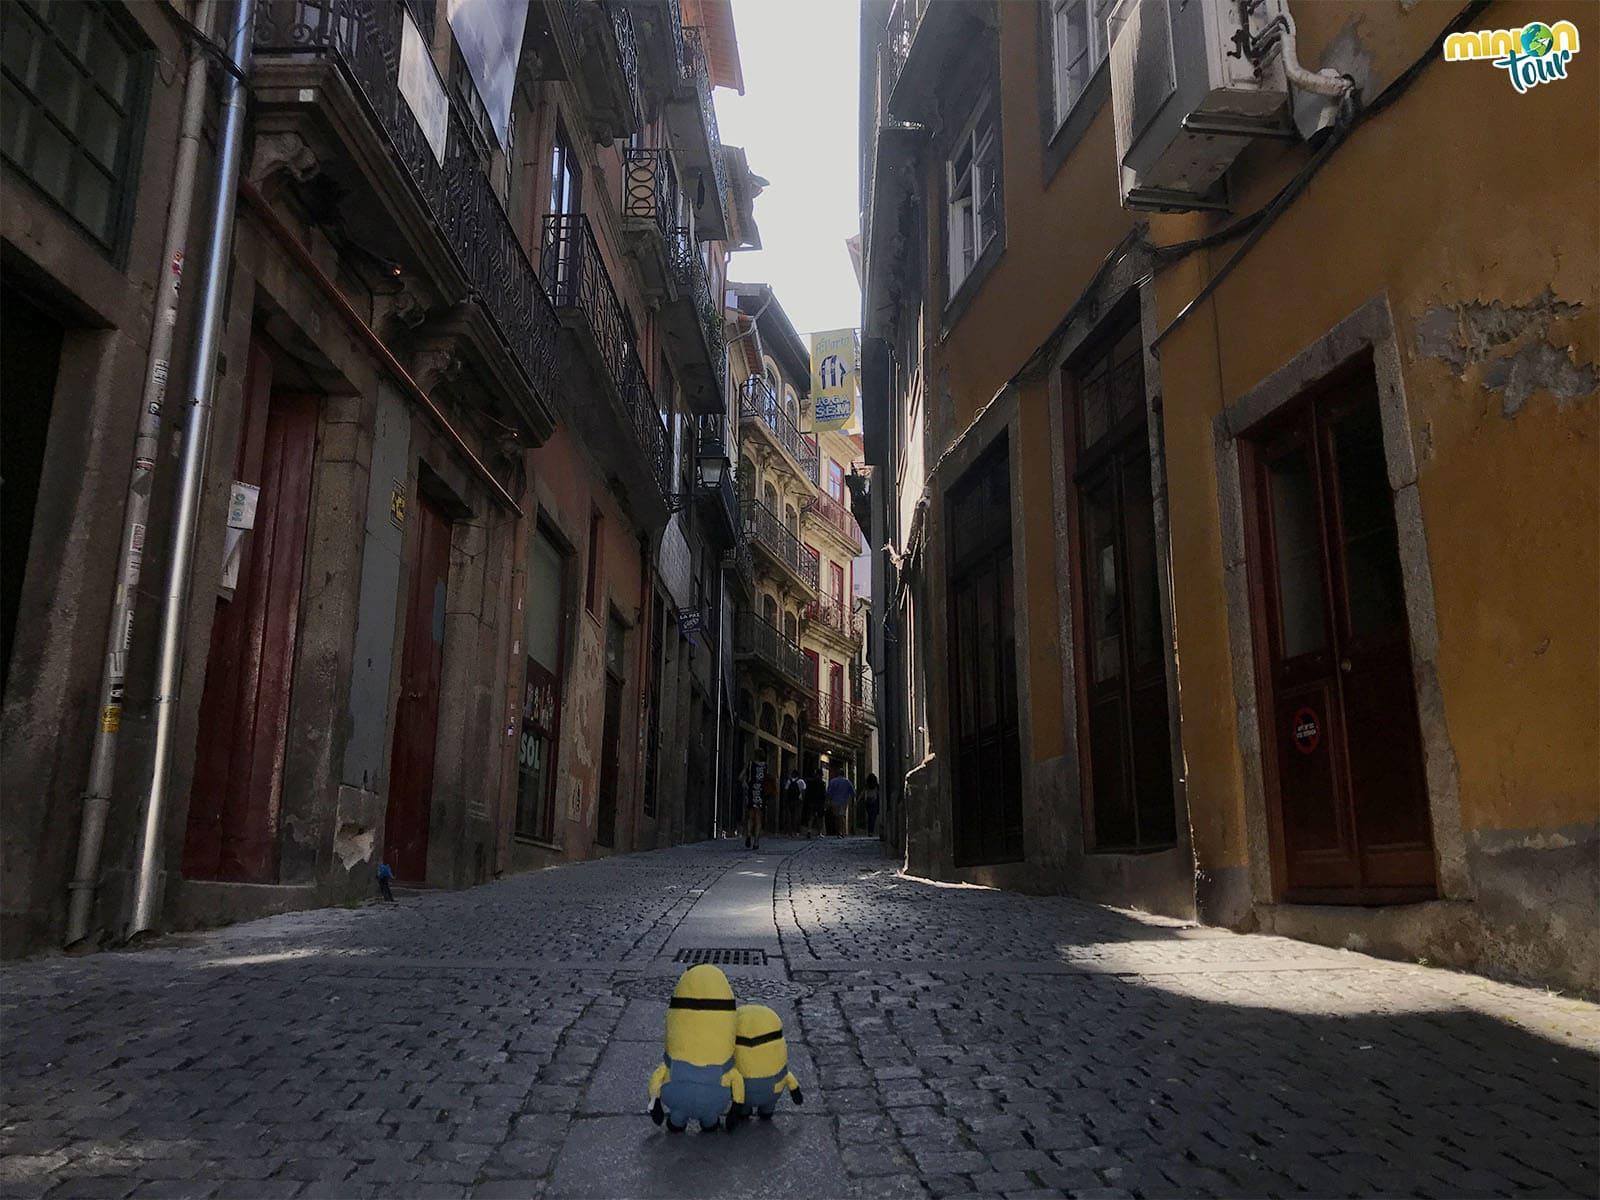 Calle de la ribera de Oporto